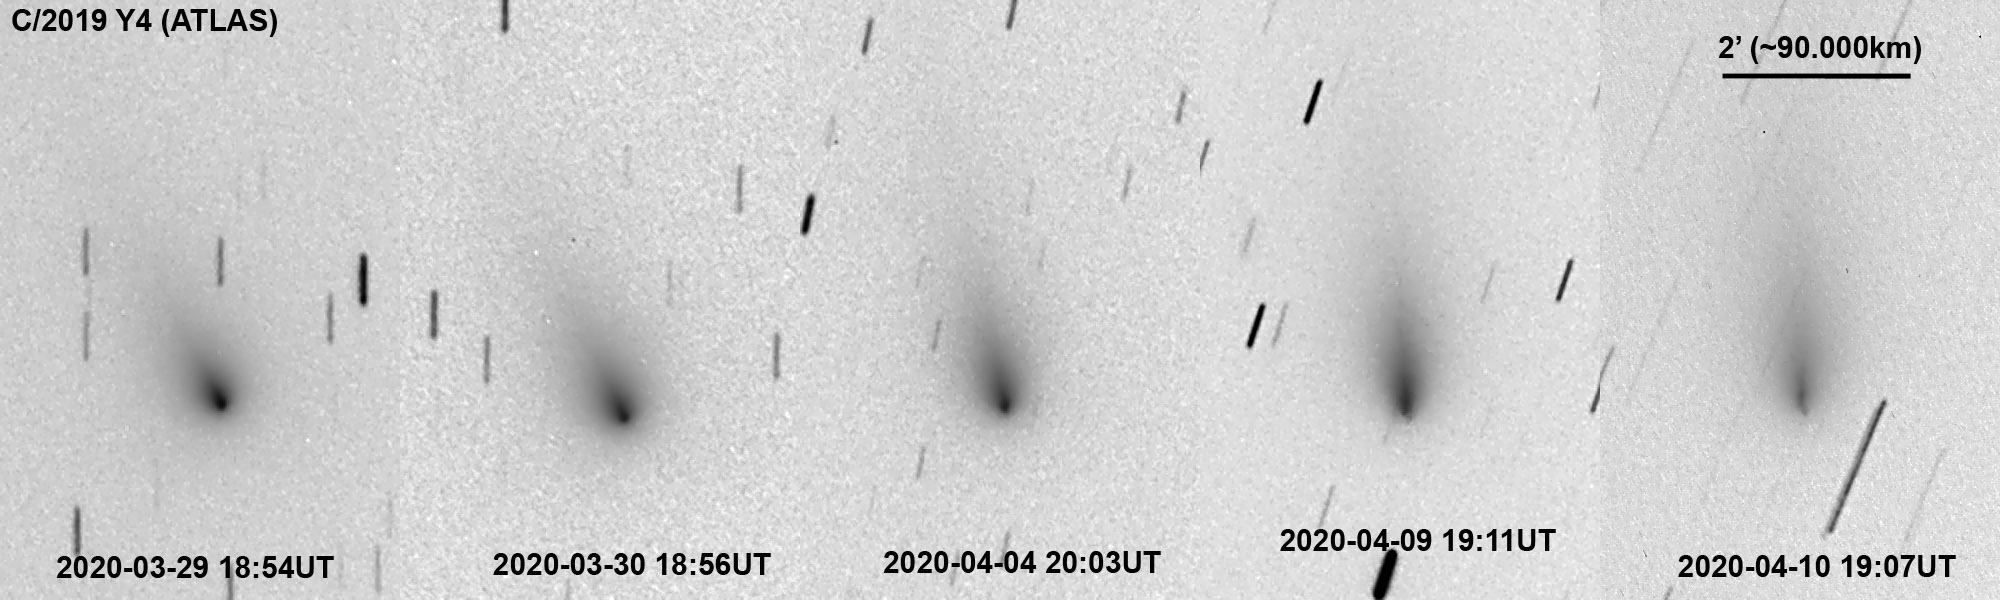 C/2019 Y4 (ATLAS), 29.03.-10.04.20, Ryske